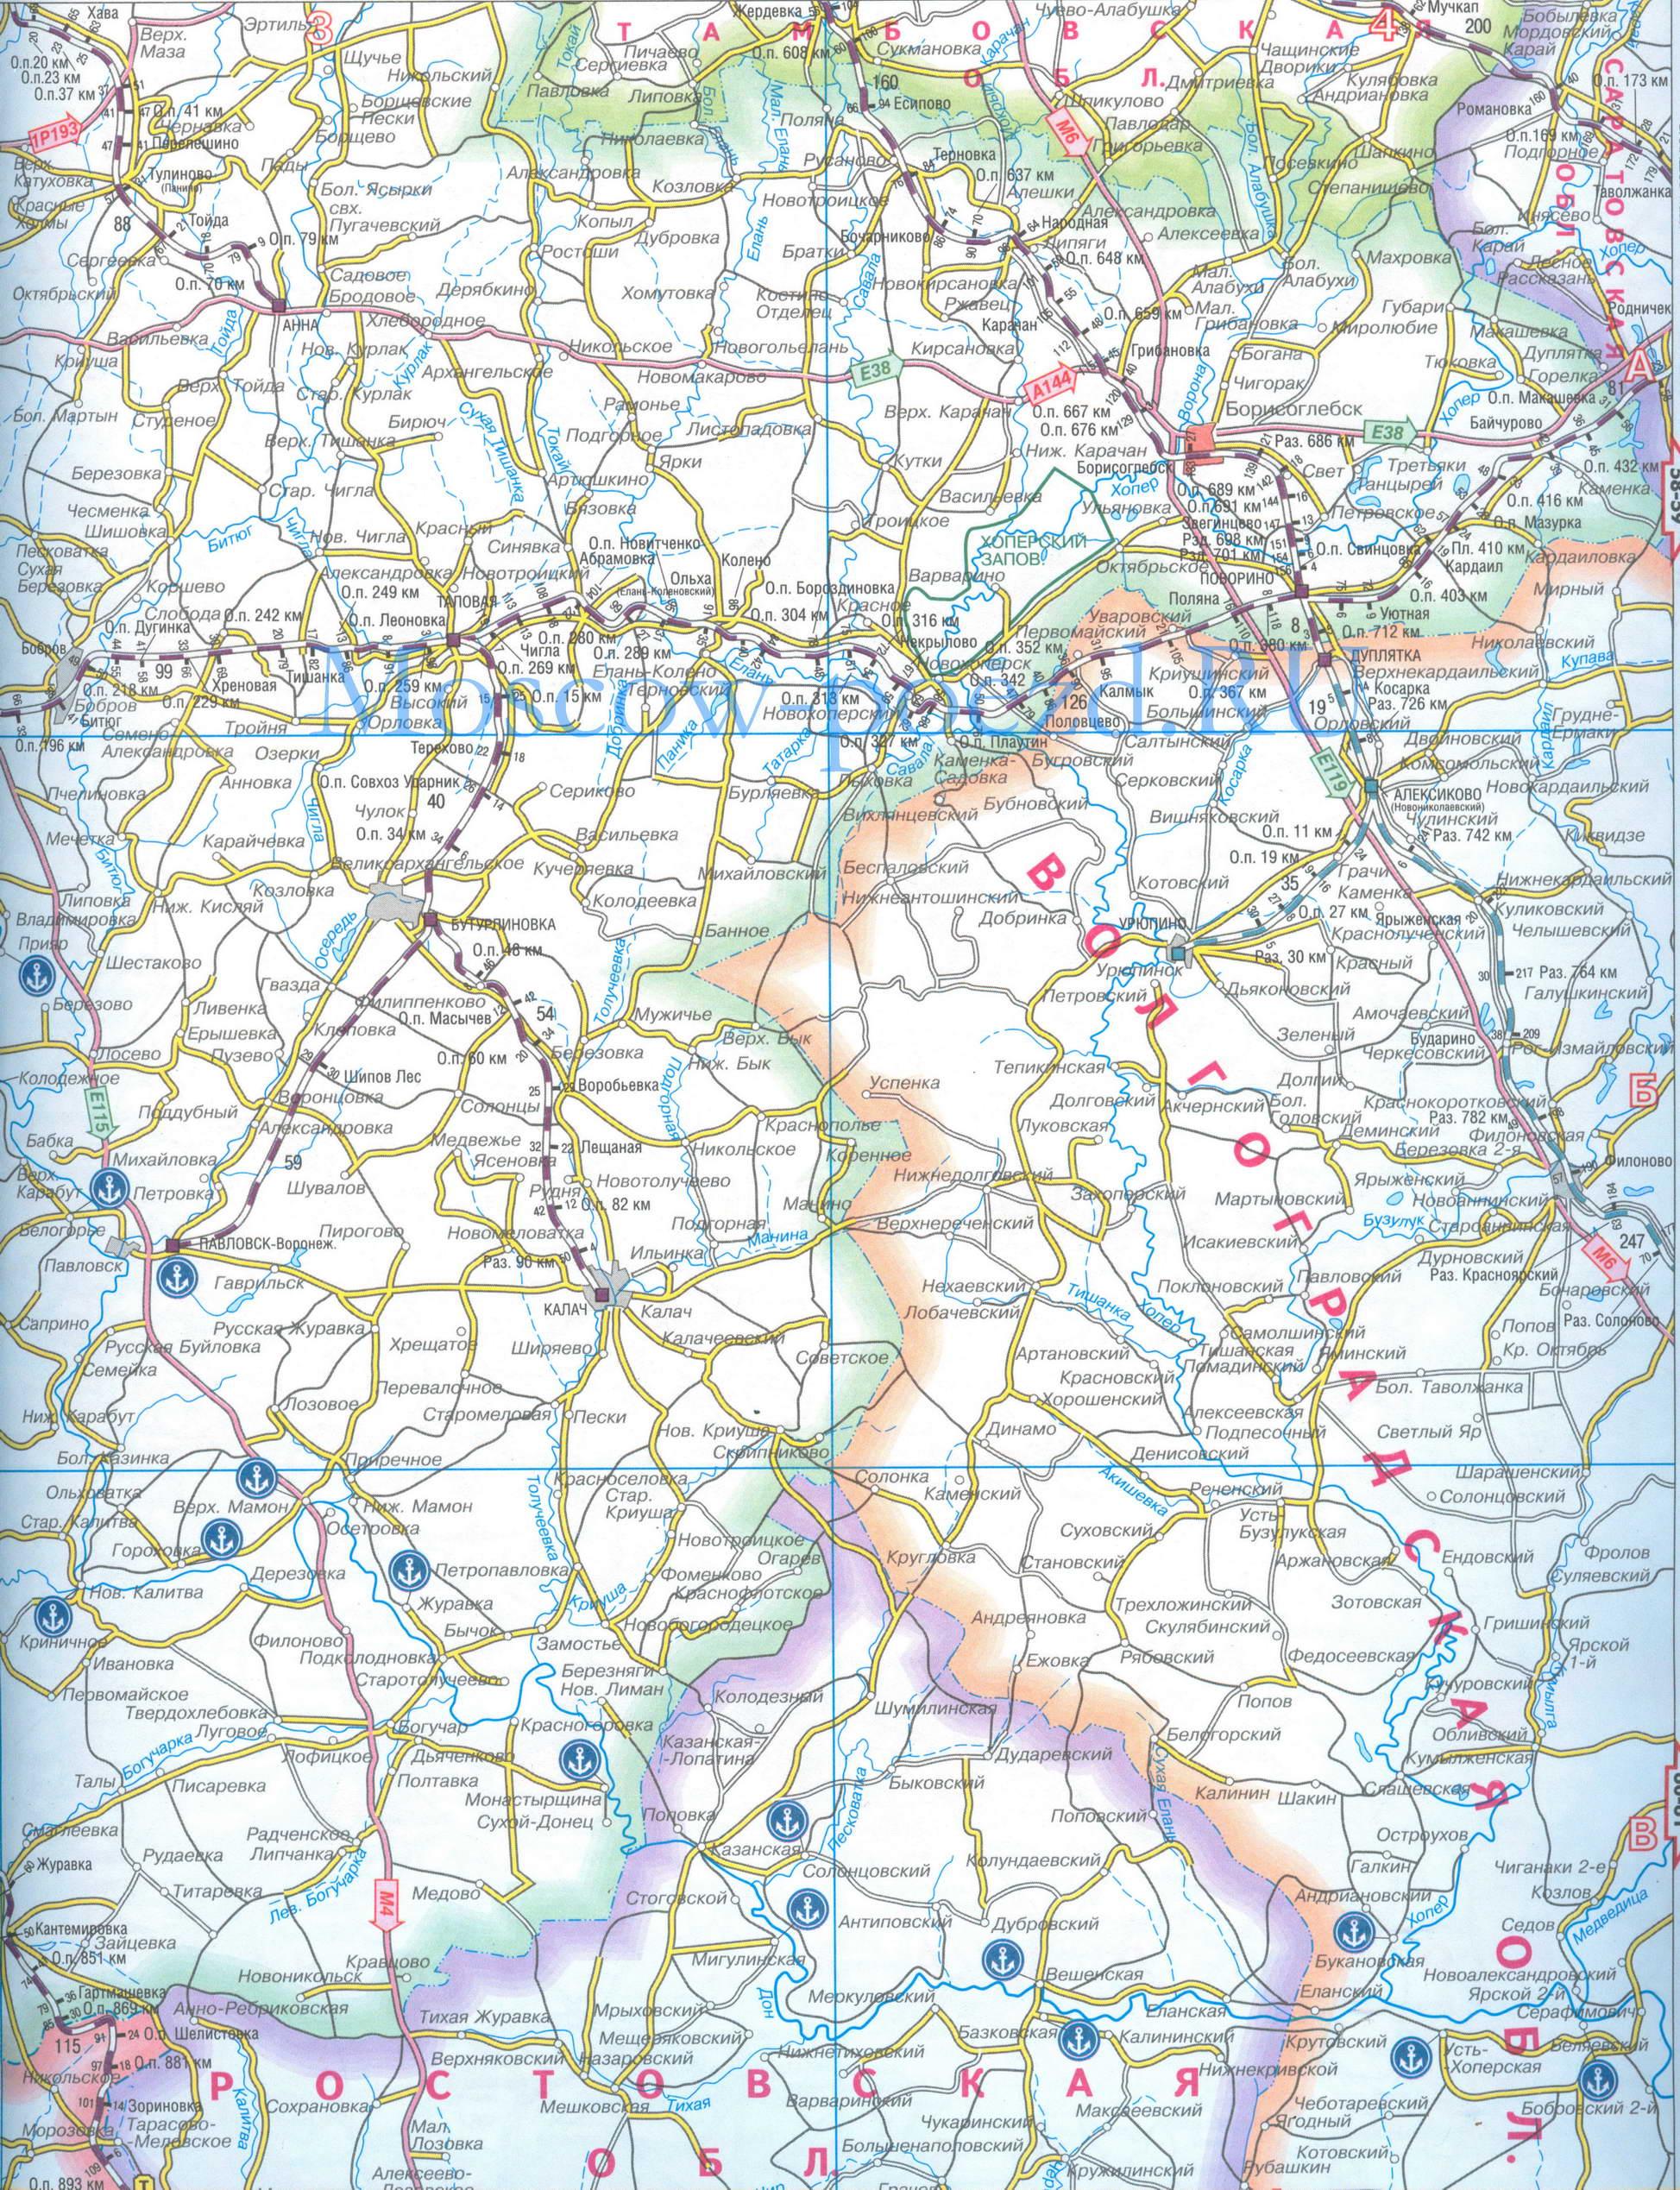 Карта железных и автодорог Воронежской обл, масштаб 1см=10км.